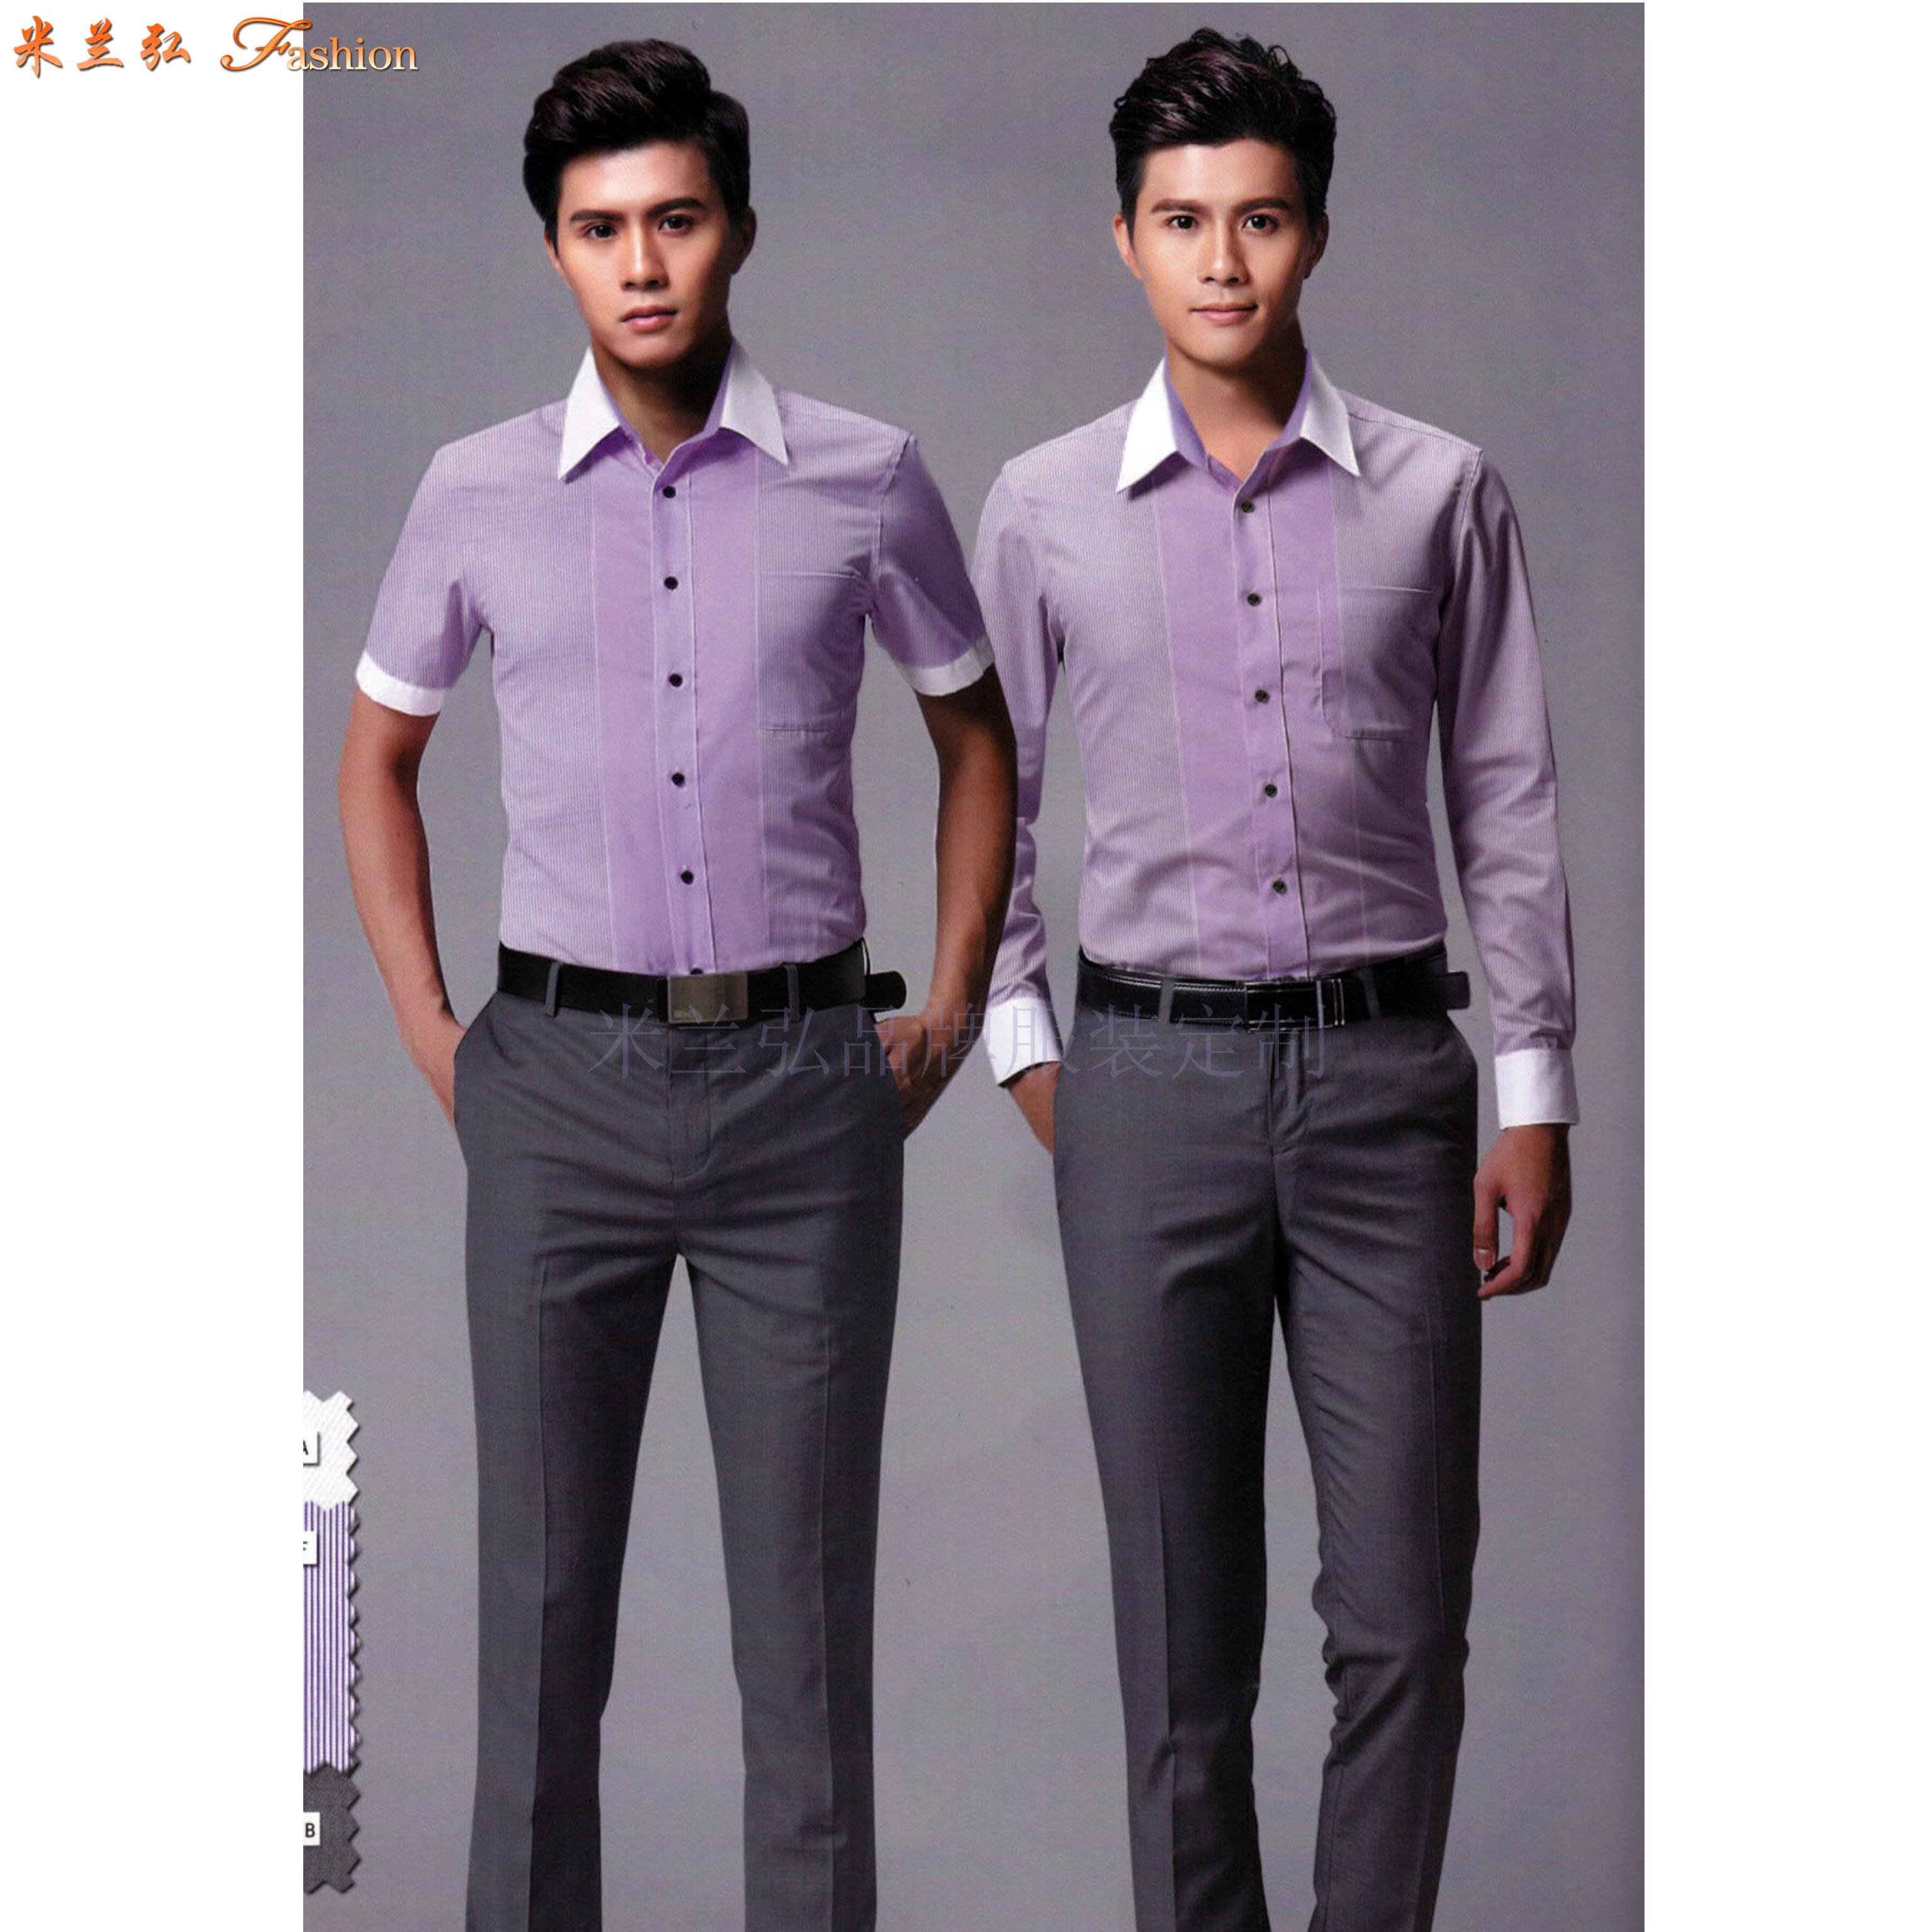 貴陽襯衫定做-貴陽量體定制襯衣廠家-米蘭弘服裝-3